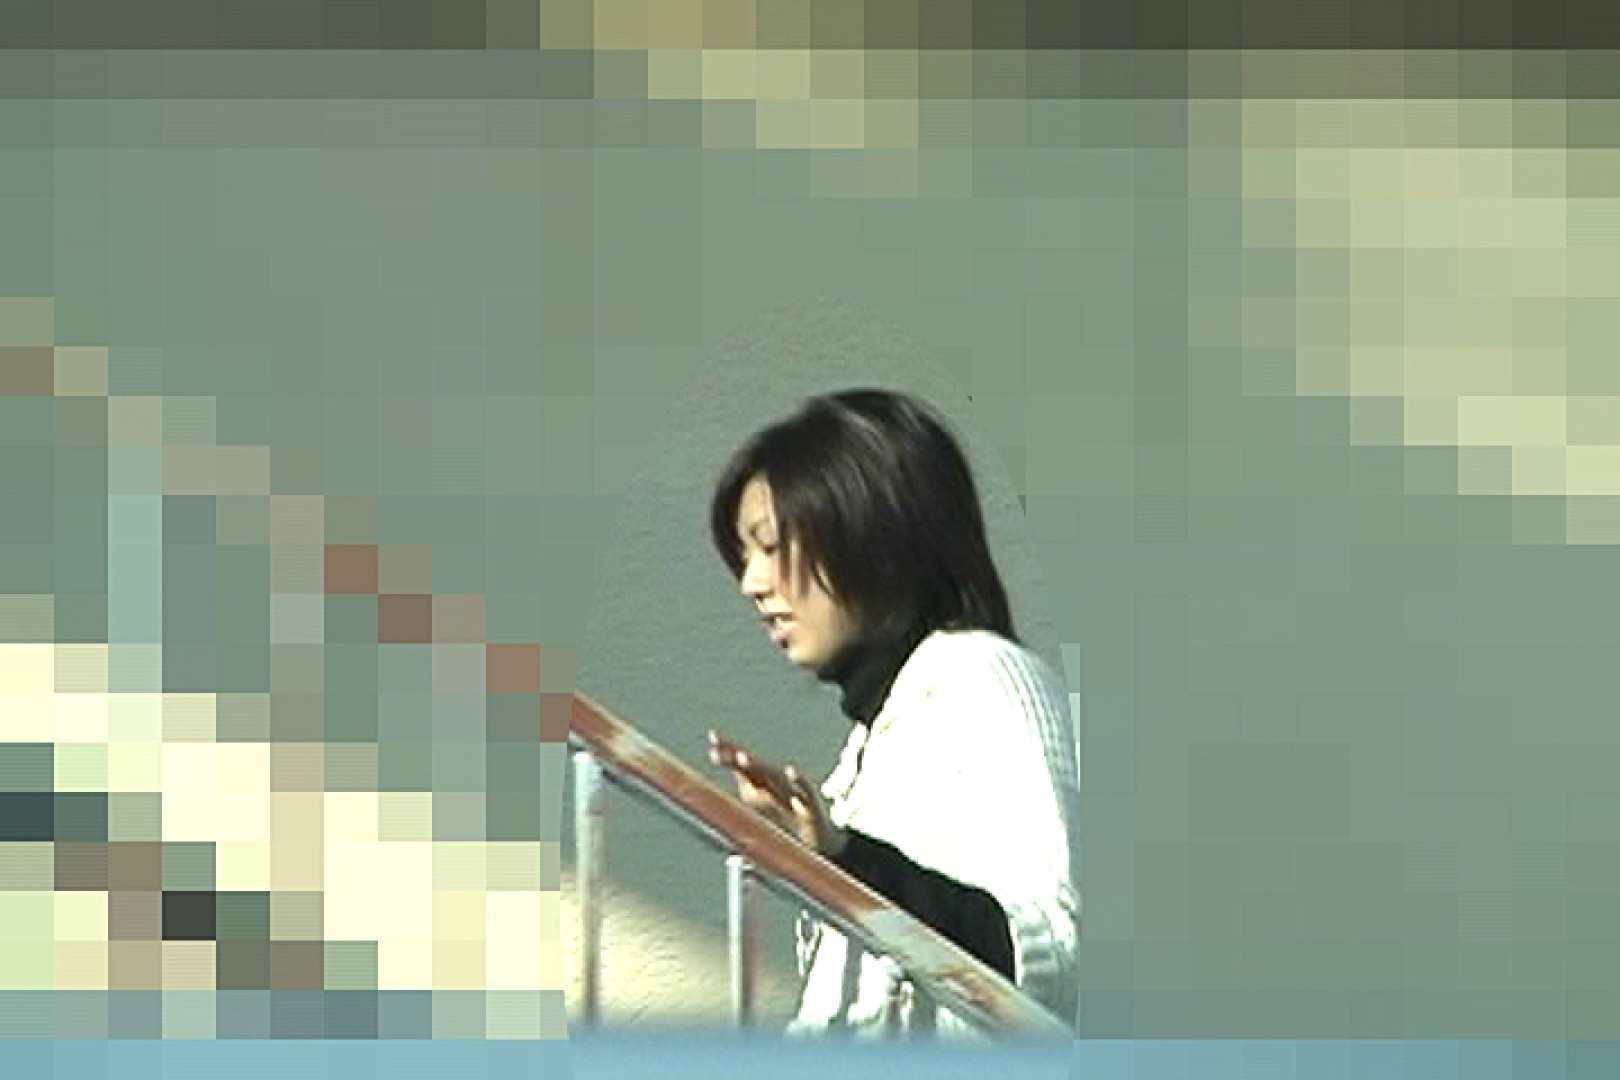 Aquaな露天風呂Vol.25 露天   盗撮特集  106画像 2